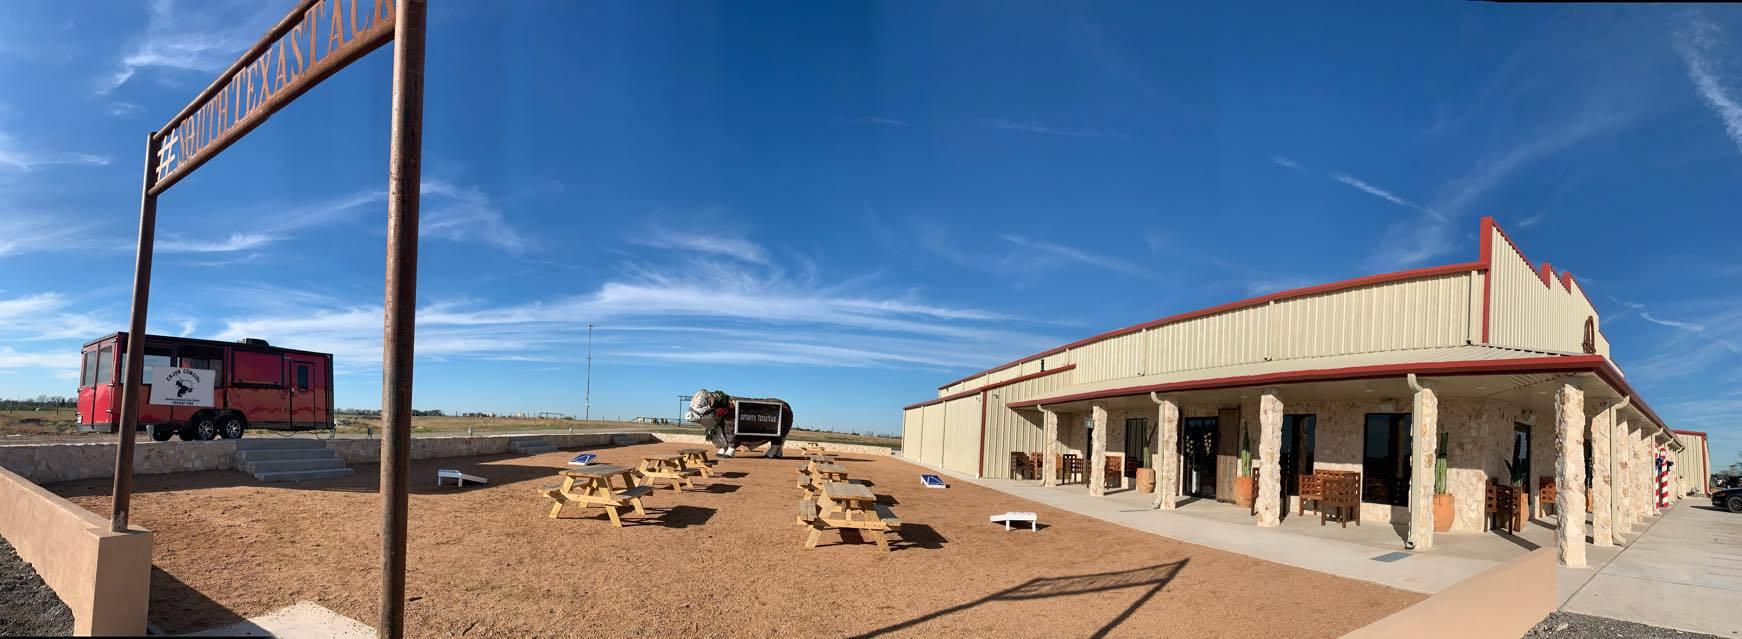 The South Texas Tack Feed Yard